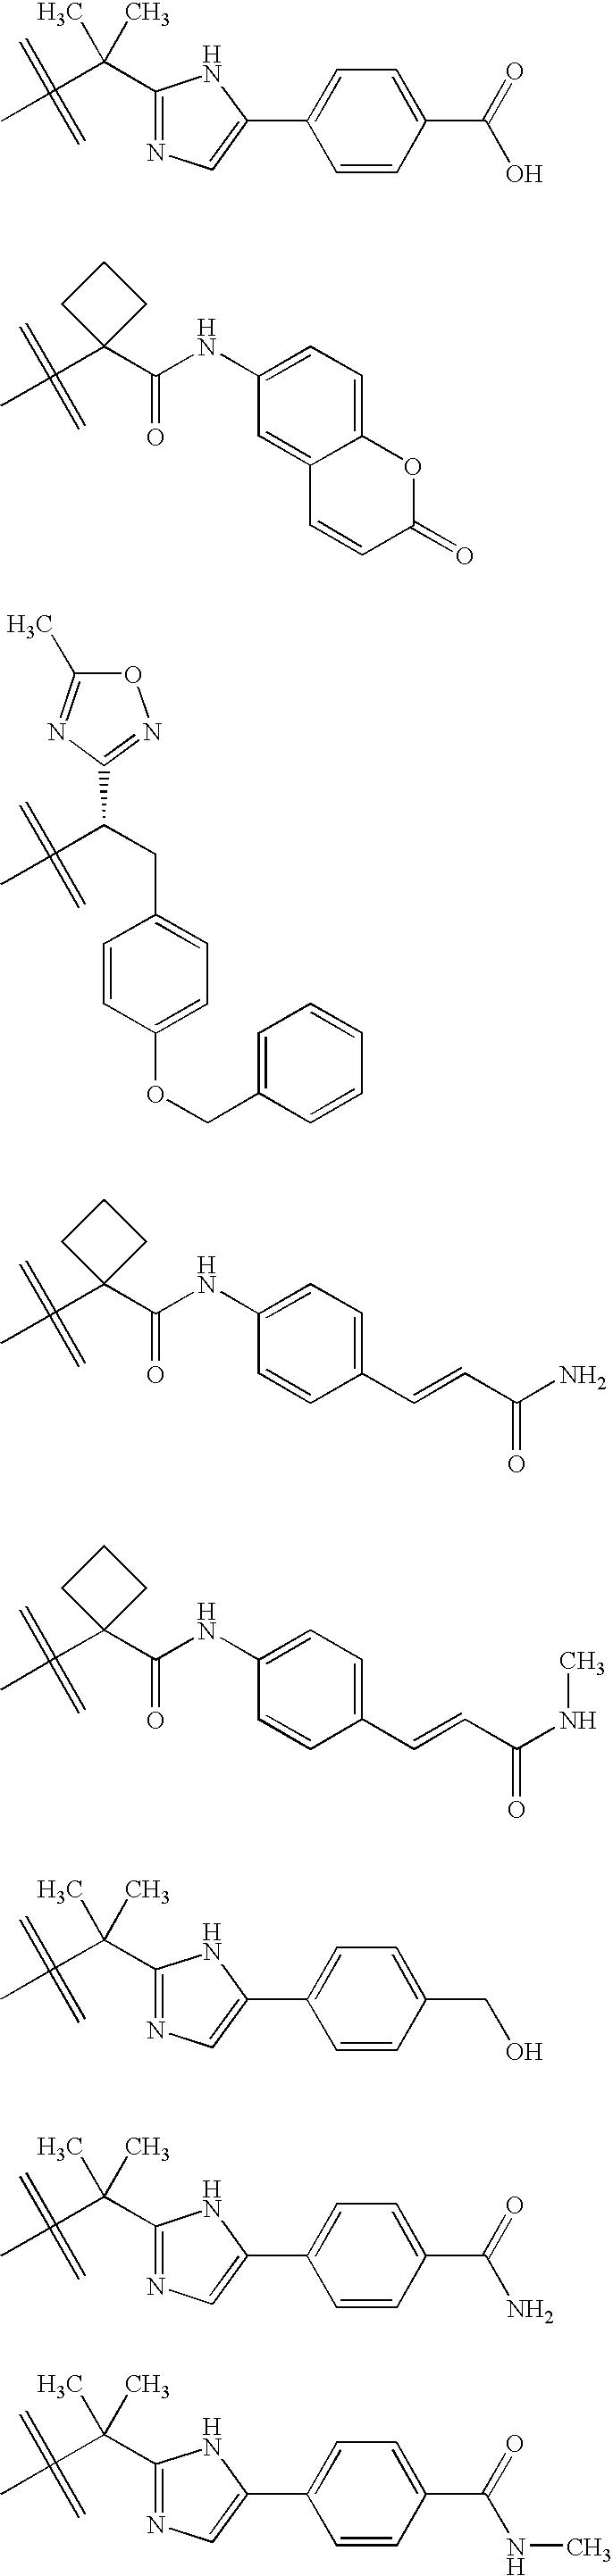 Figure US20070049593A1-20070301-C00201